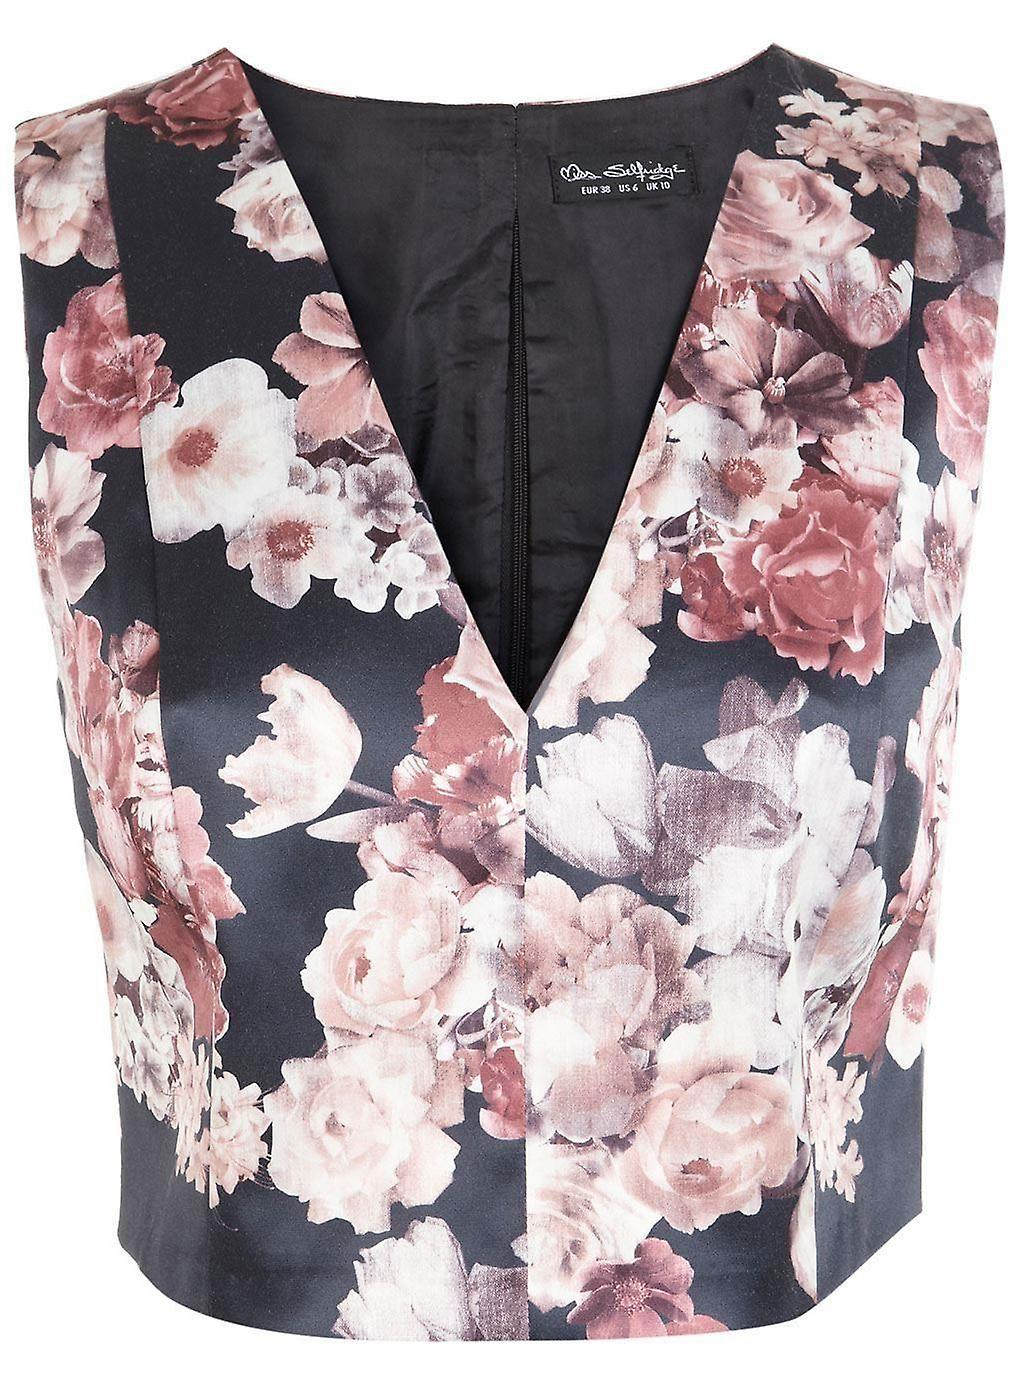 سيلفريدجي ملكة جمال المساء العنق الحرير الزهور اقتصاص حجم اكمام المملكة المتحدة أعلى 10